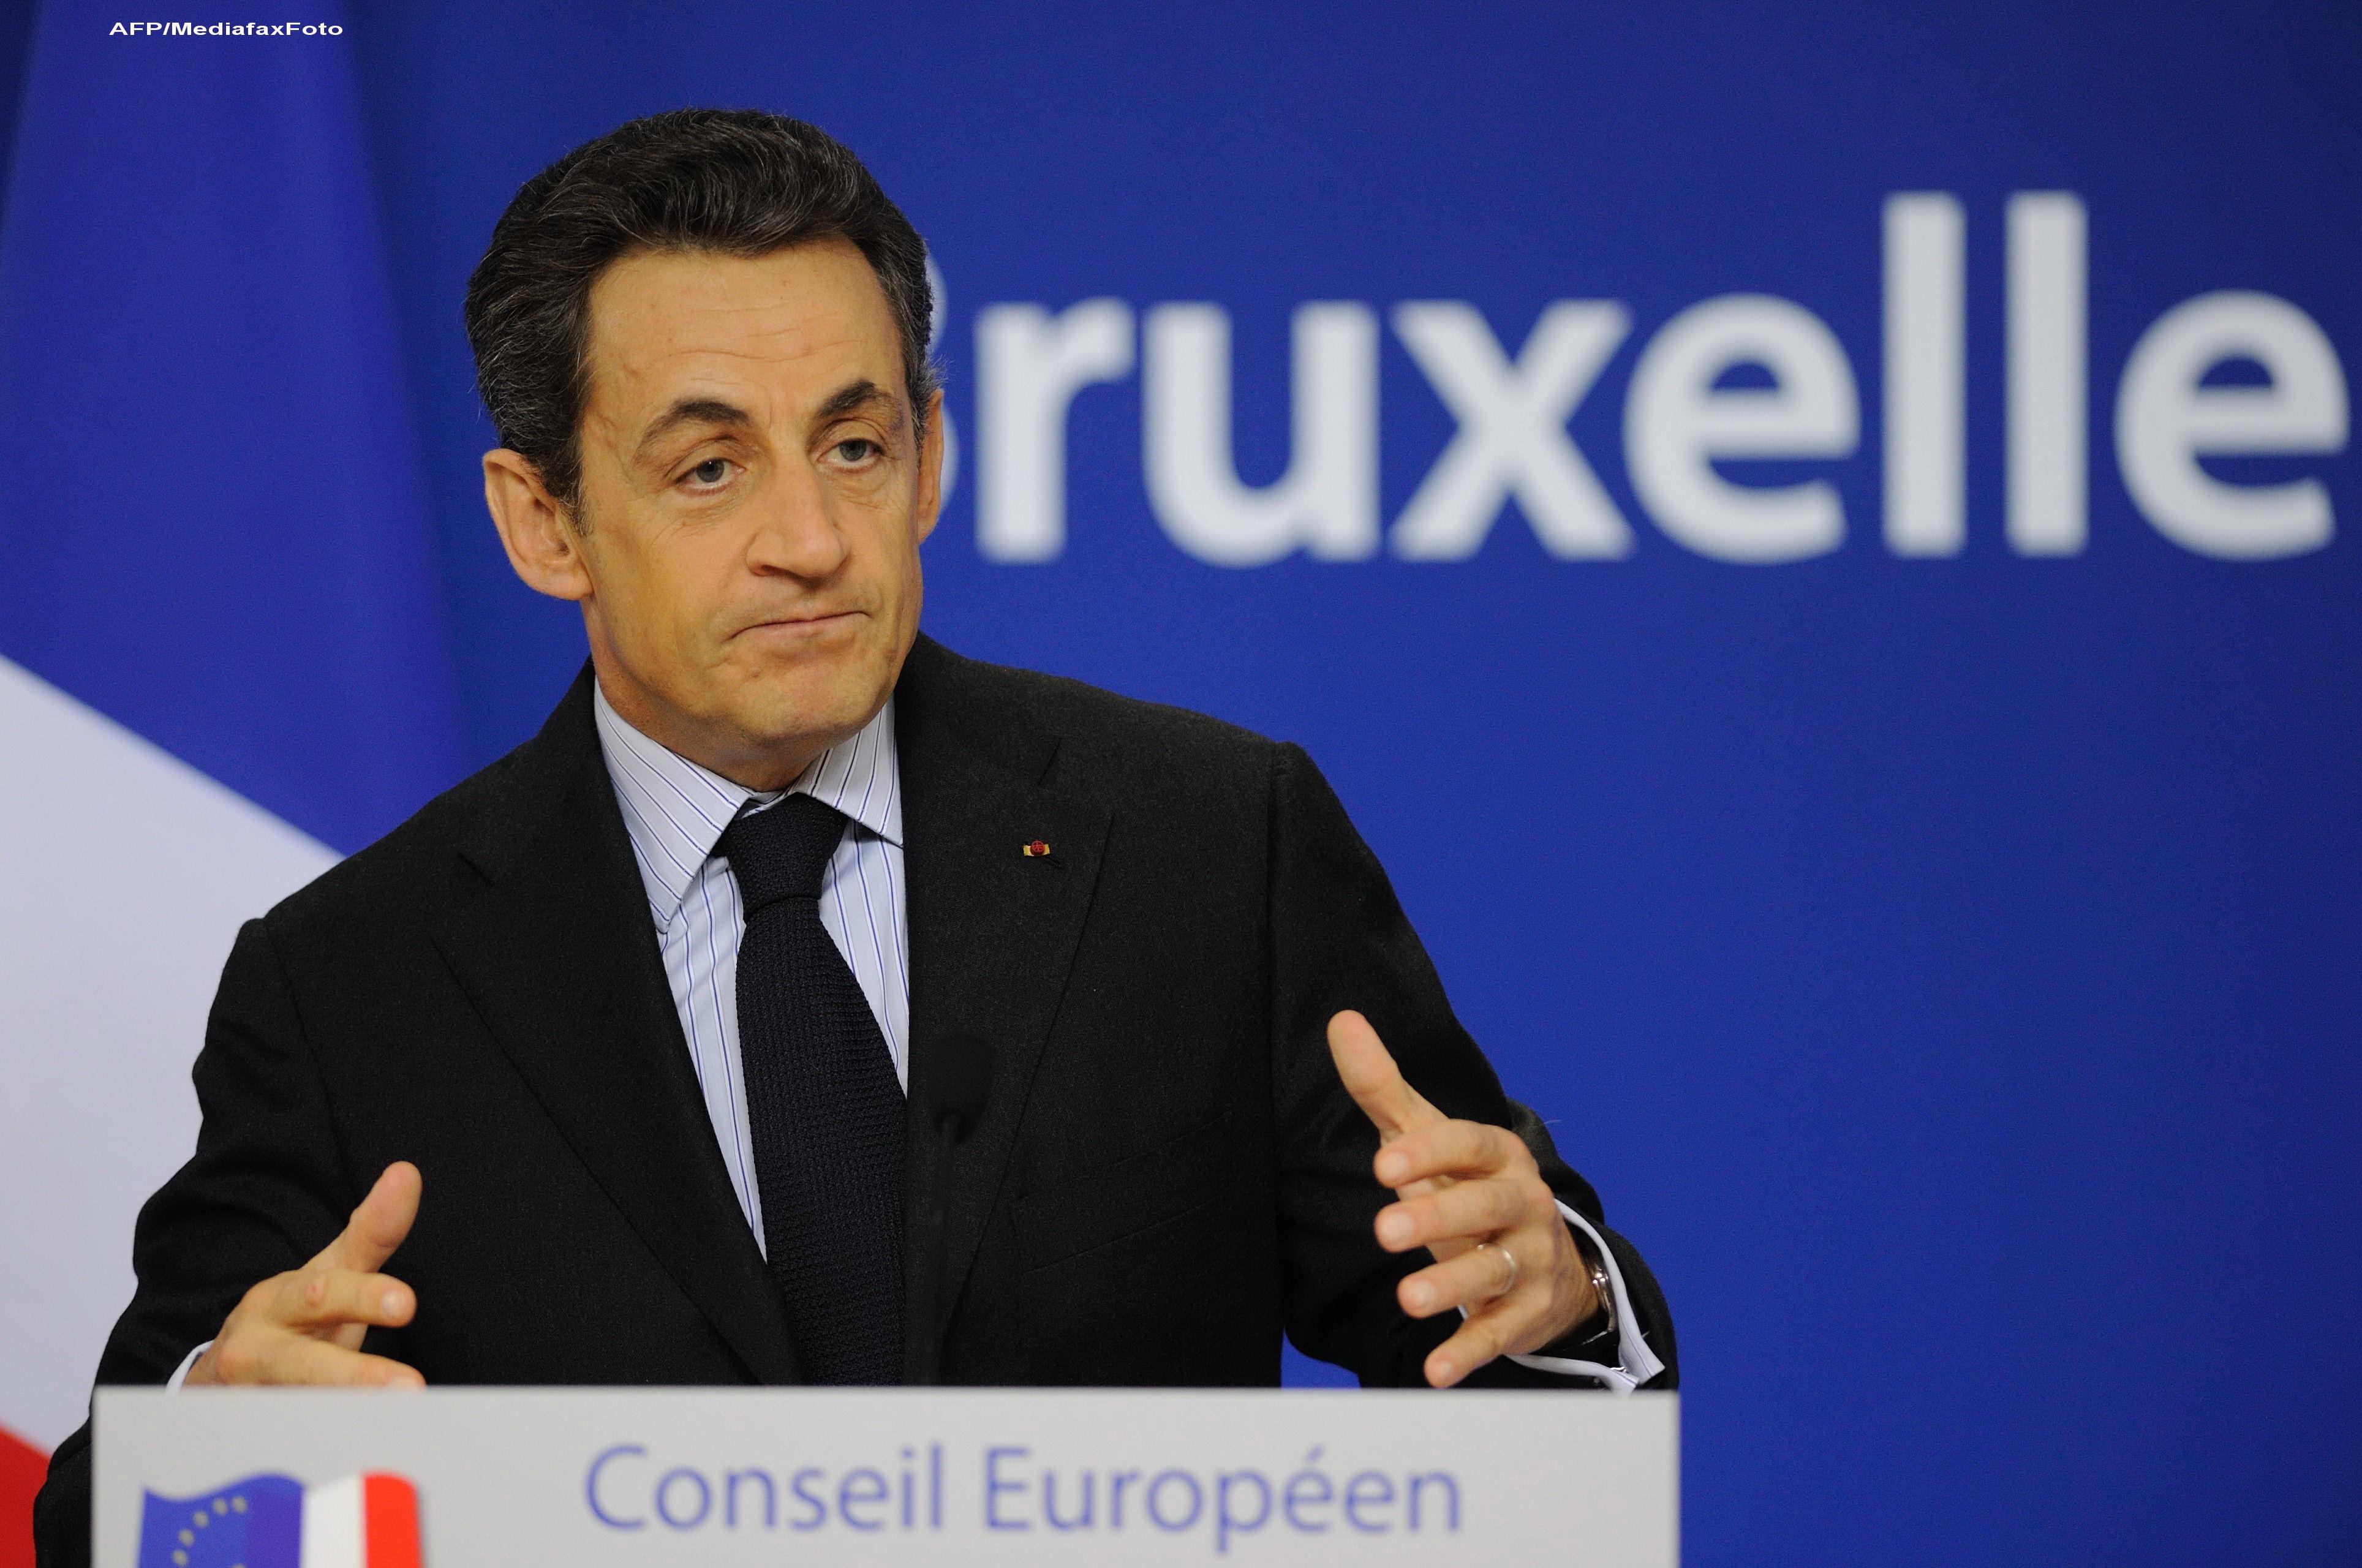 Nicolas Sarkozy: Riscul